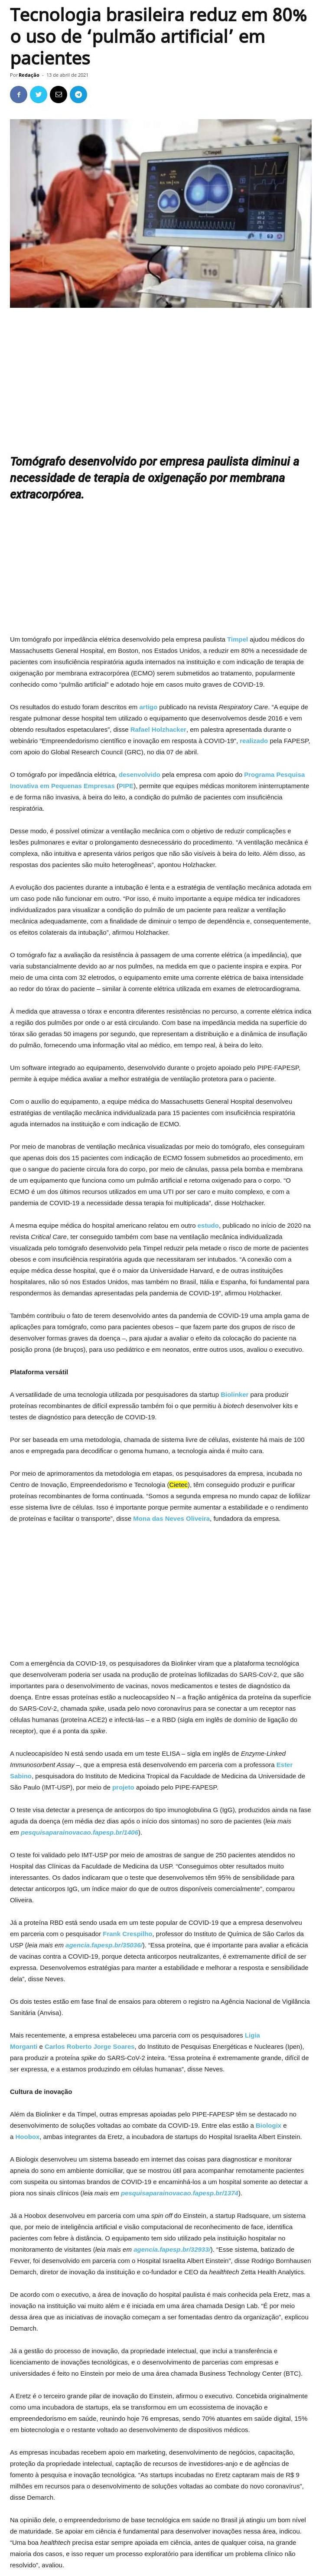 Tecnologia brasileira reduz em 80% o uso de `pulmão artificial` em pacientes - Beto Ribeiro Repórter